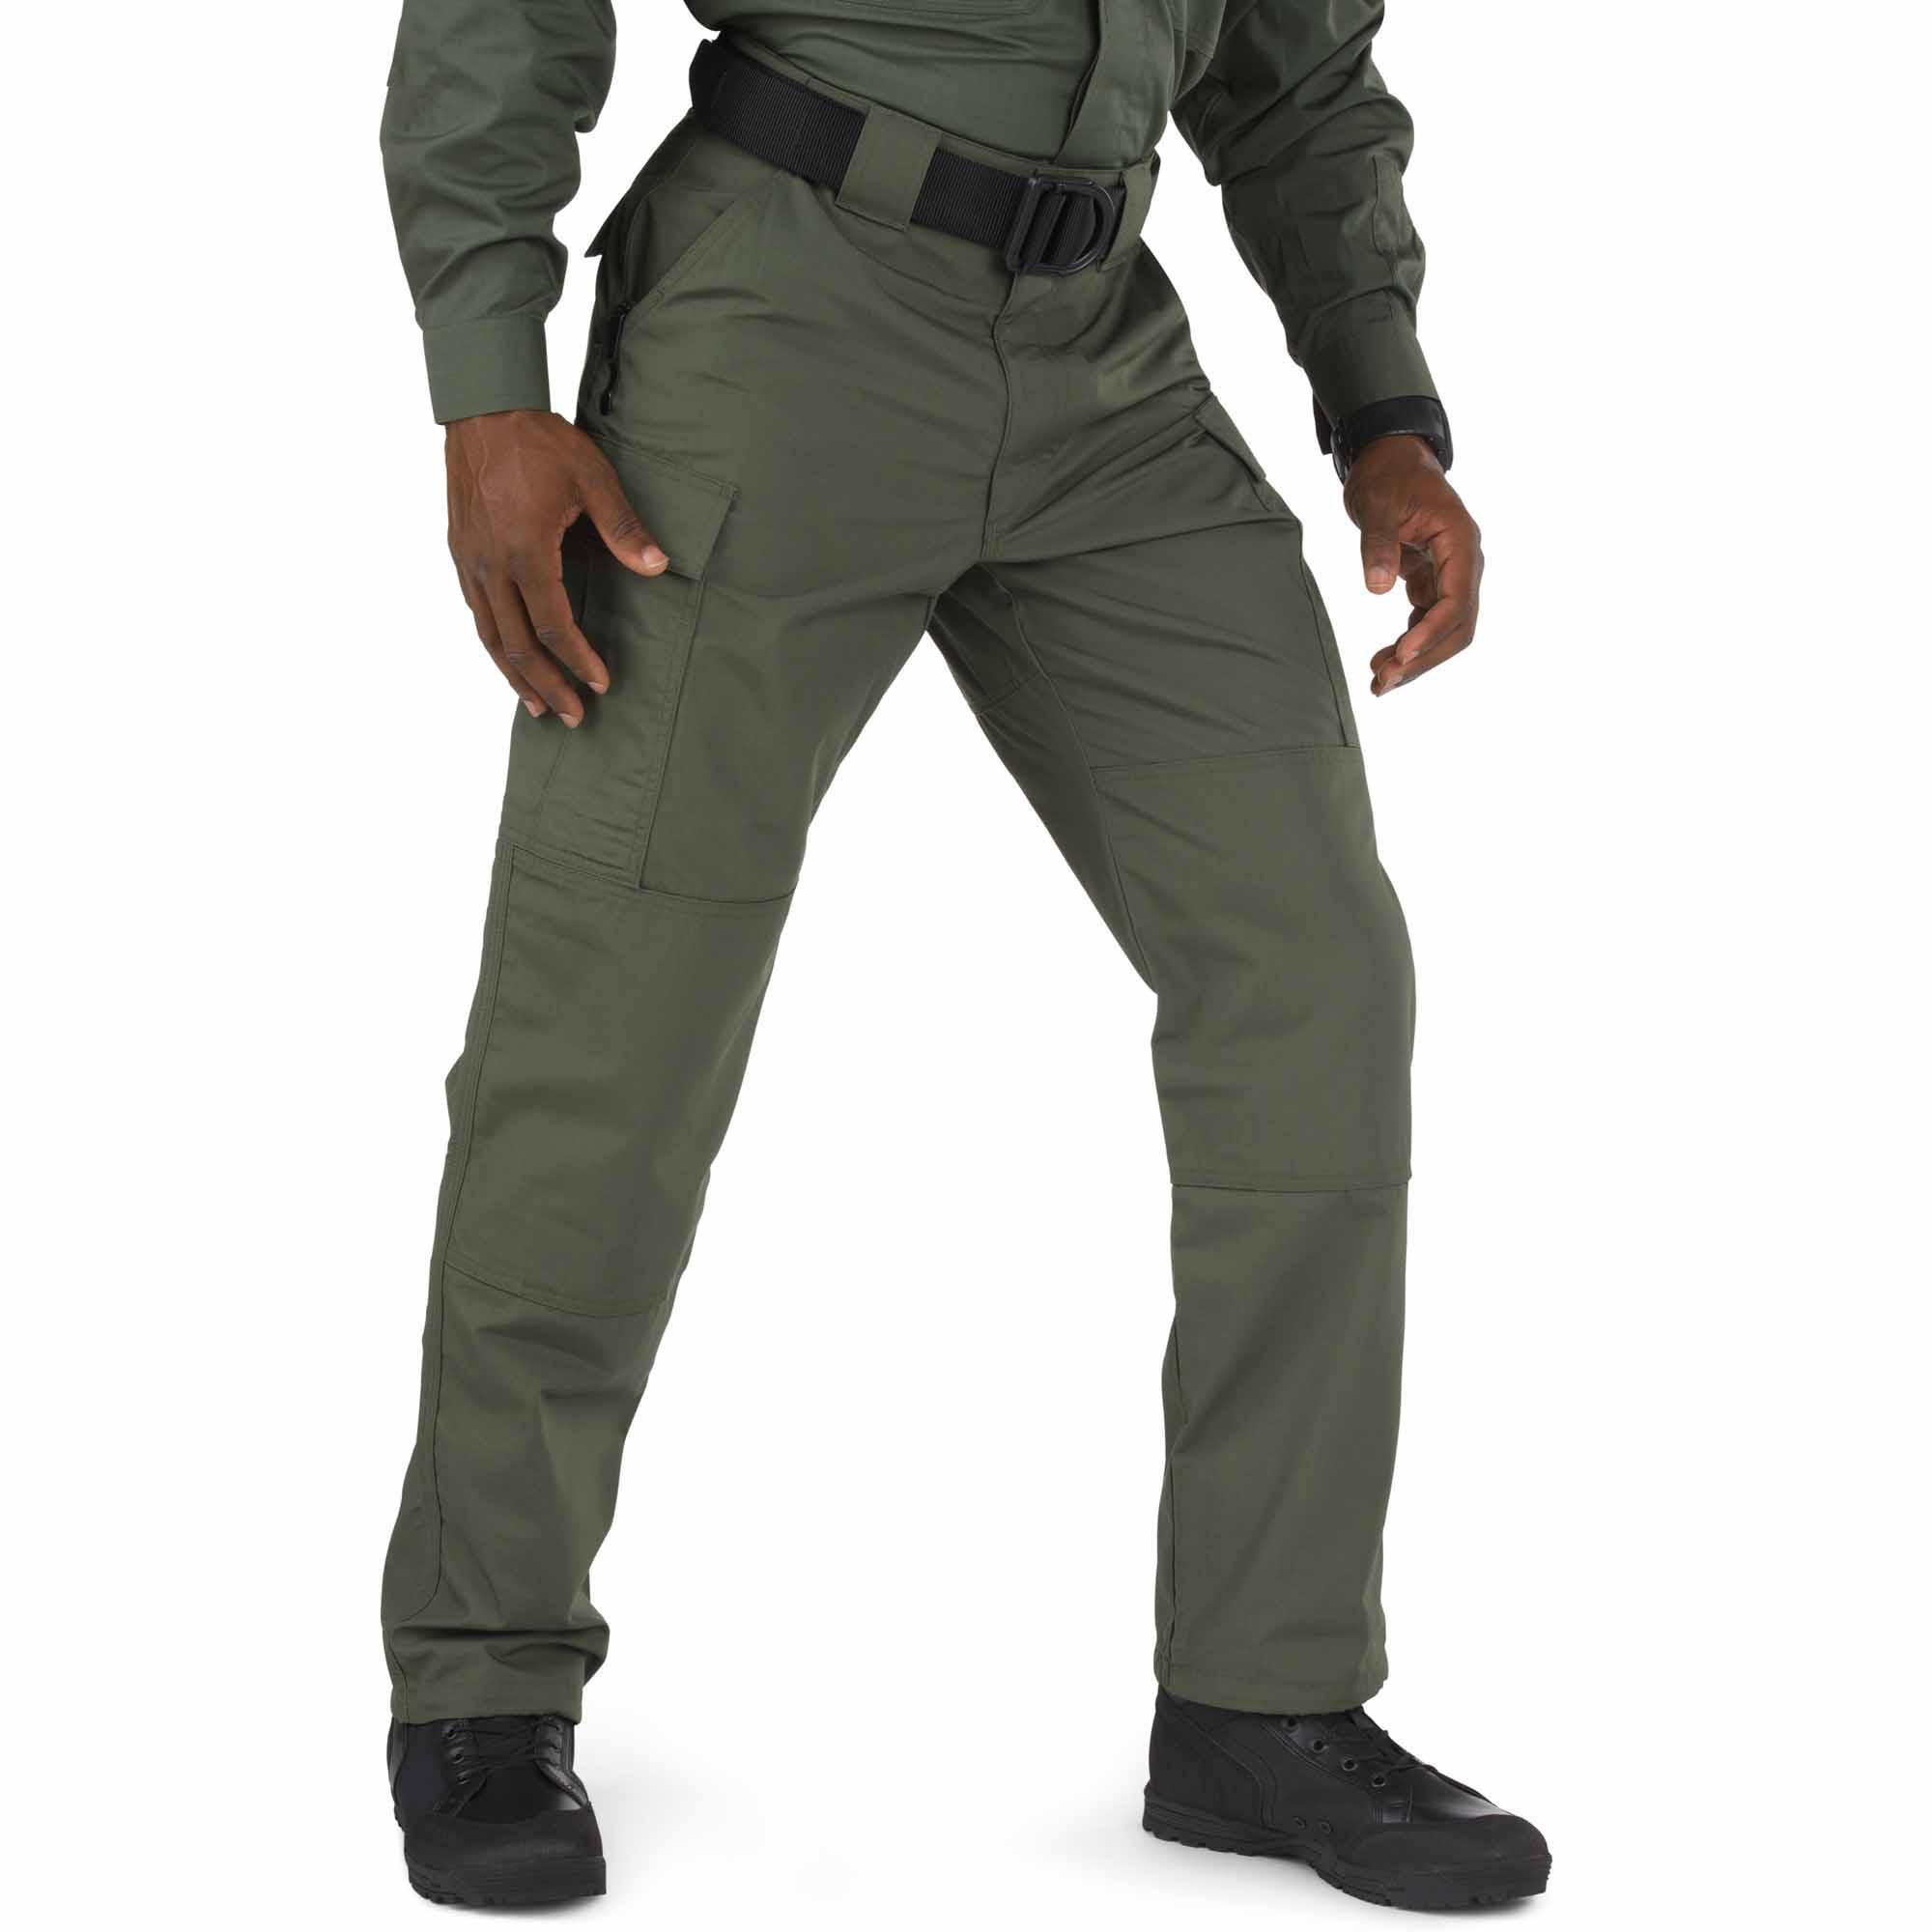 Taclite TDU Pants-5.11 Tactical